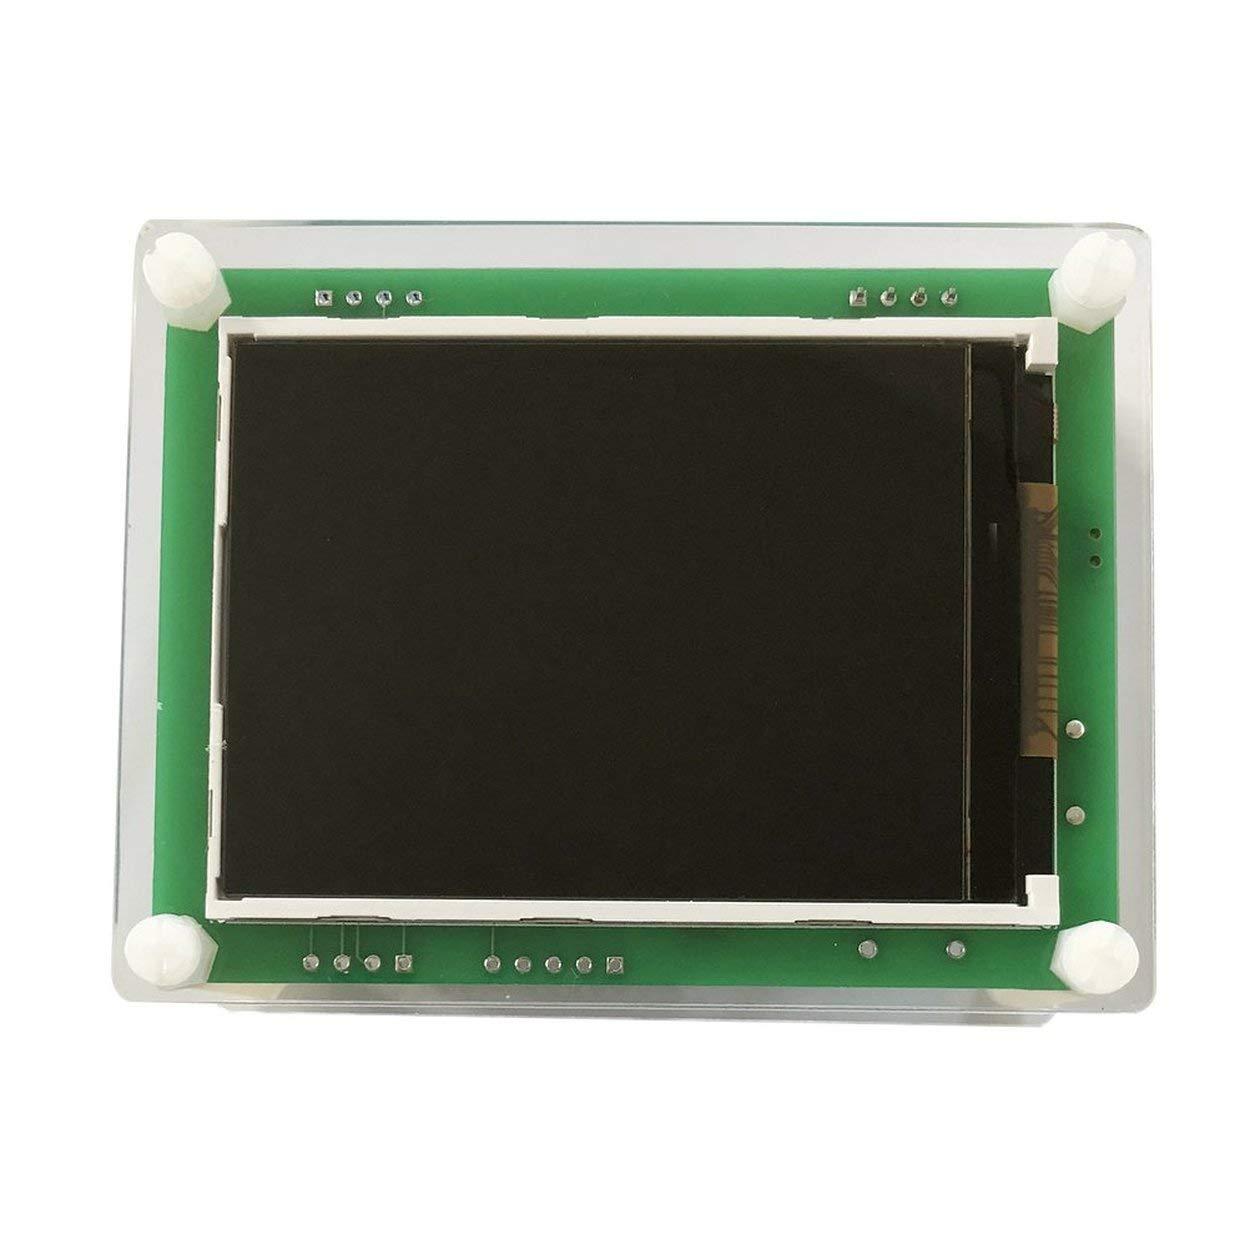 Digital Air Quality Monitor, 2,8-Zoll-TFT-Farbbildschirm Luftqualitä t Detektor genaue Prü fung mit PM2.5 / AQI Daten, fü r Auto-Haus im Freien Detect Heraihe